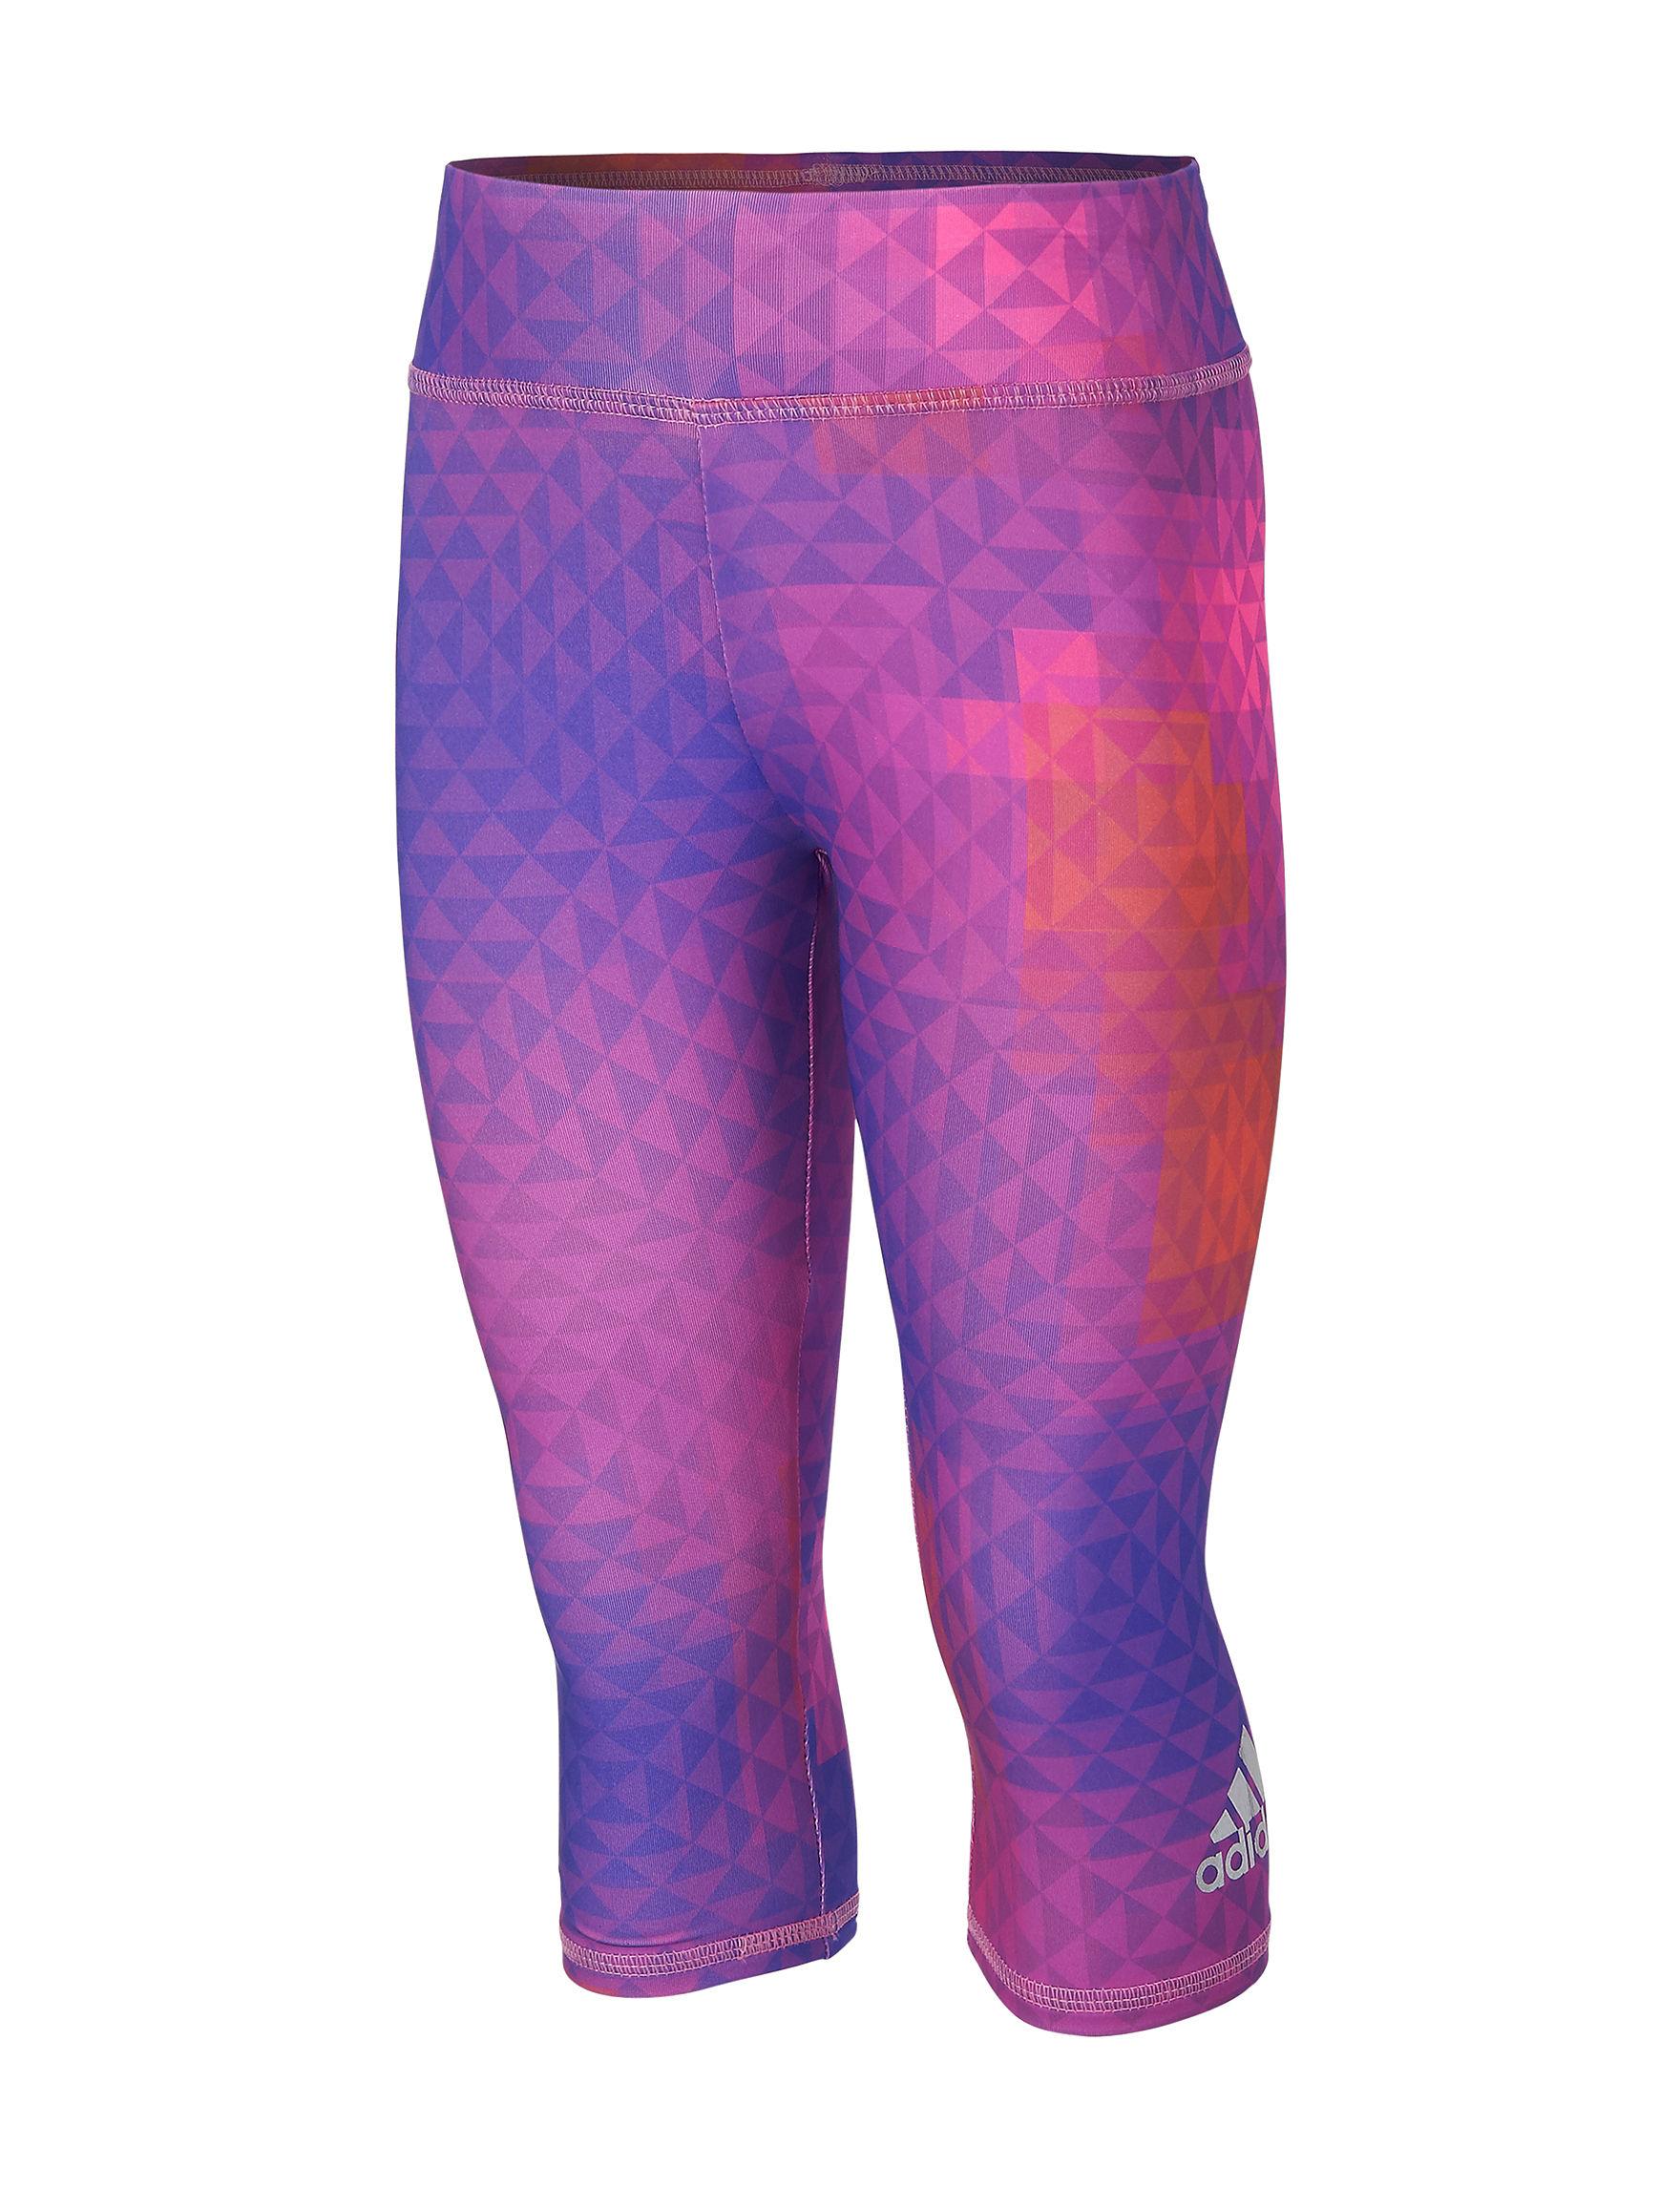 Adidas Purple Leggings